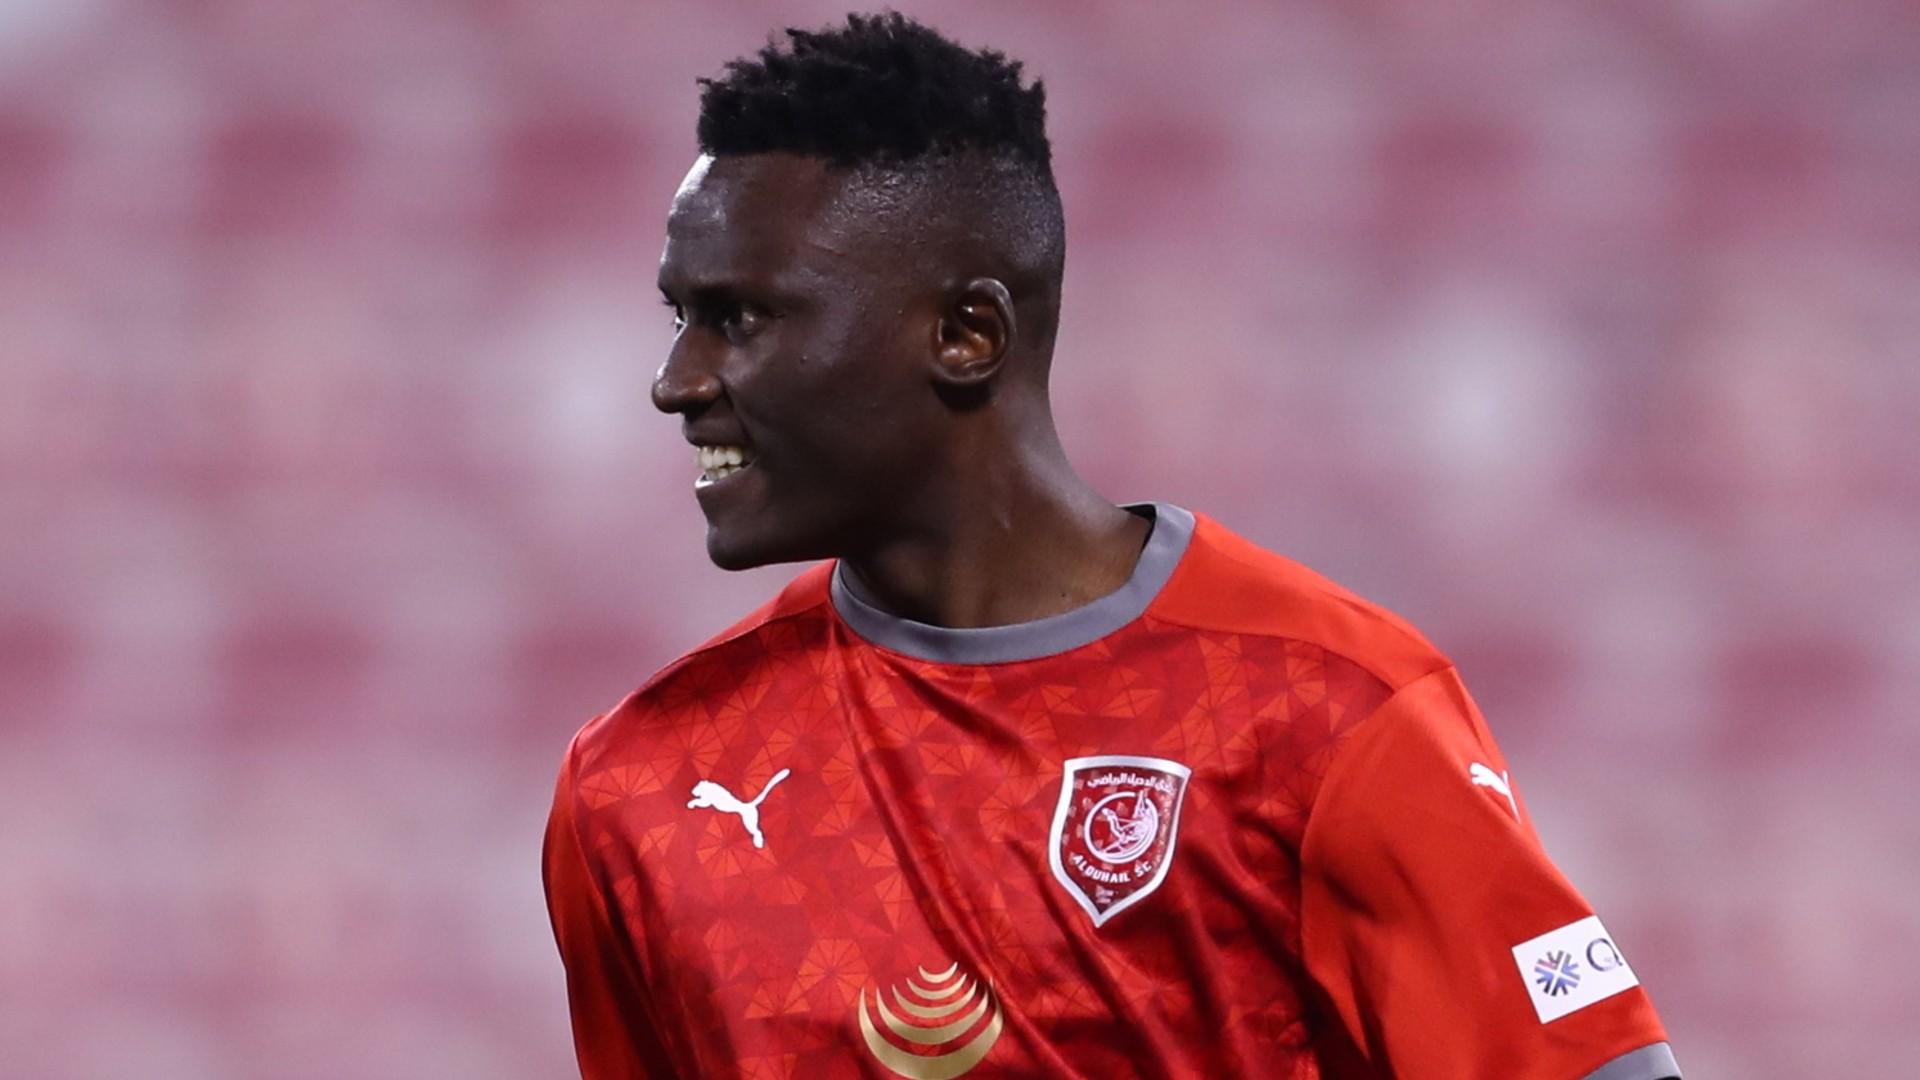 Kenya's Olunga 'not under pressure to deliver at Al-Duhail SC'